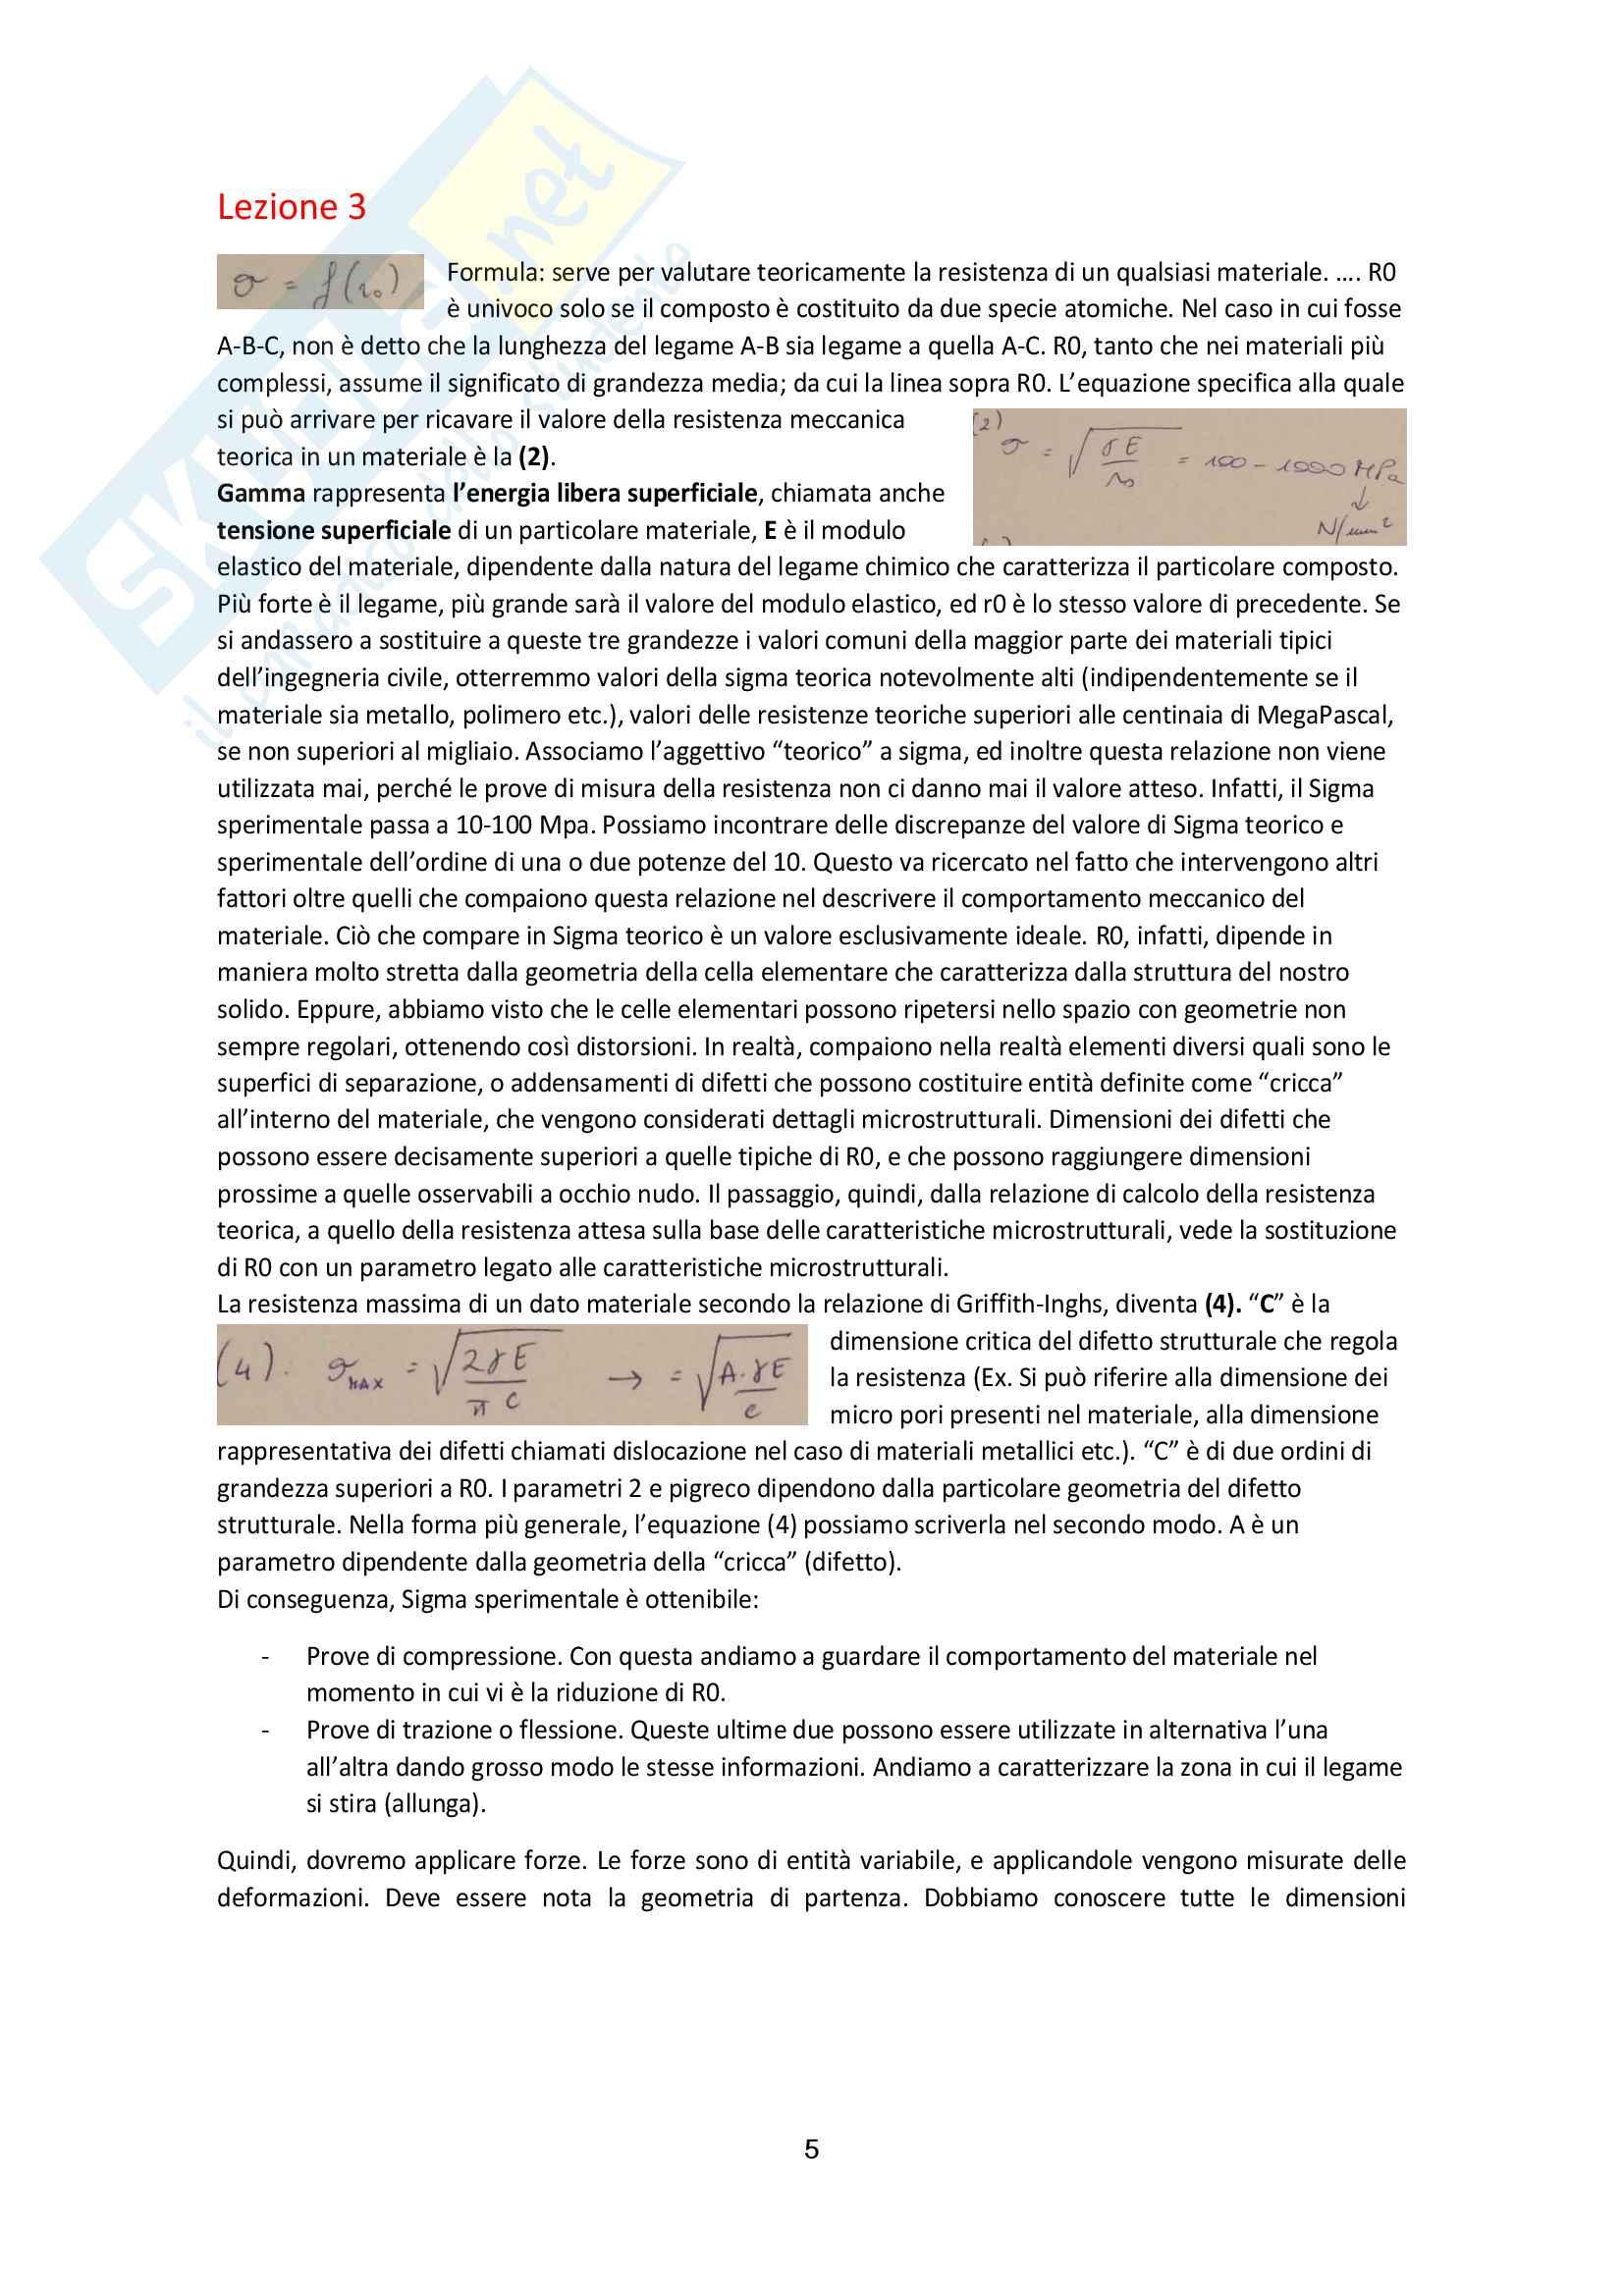 Tutte le lezioni trascritte - Tecnologia dei Materiali - TEORIA ed ESERCIZI Pag. 6